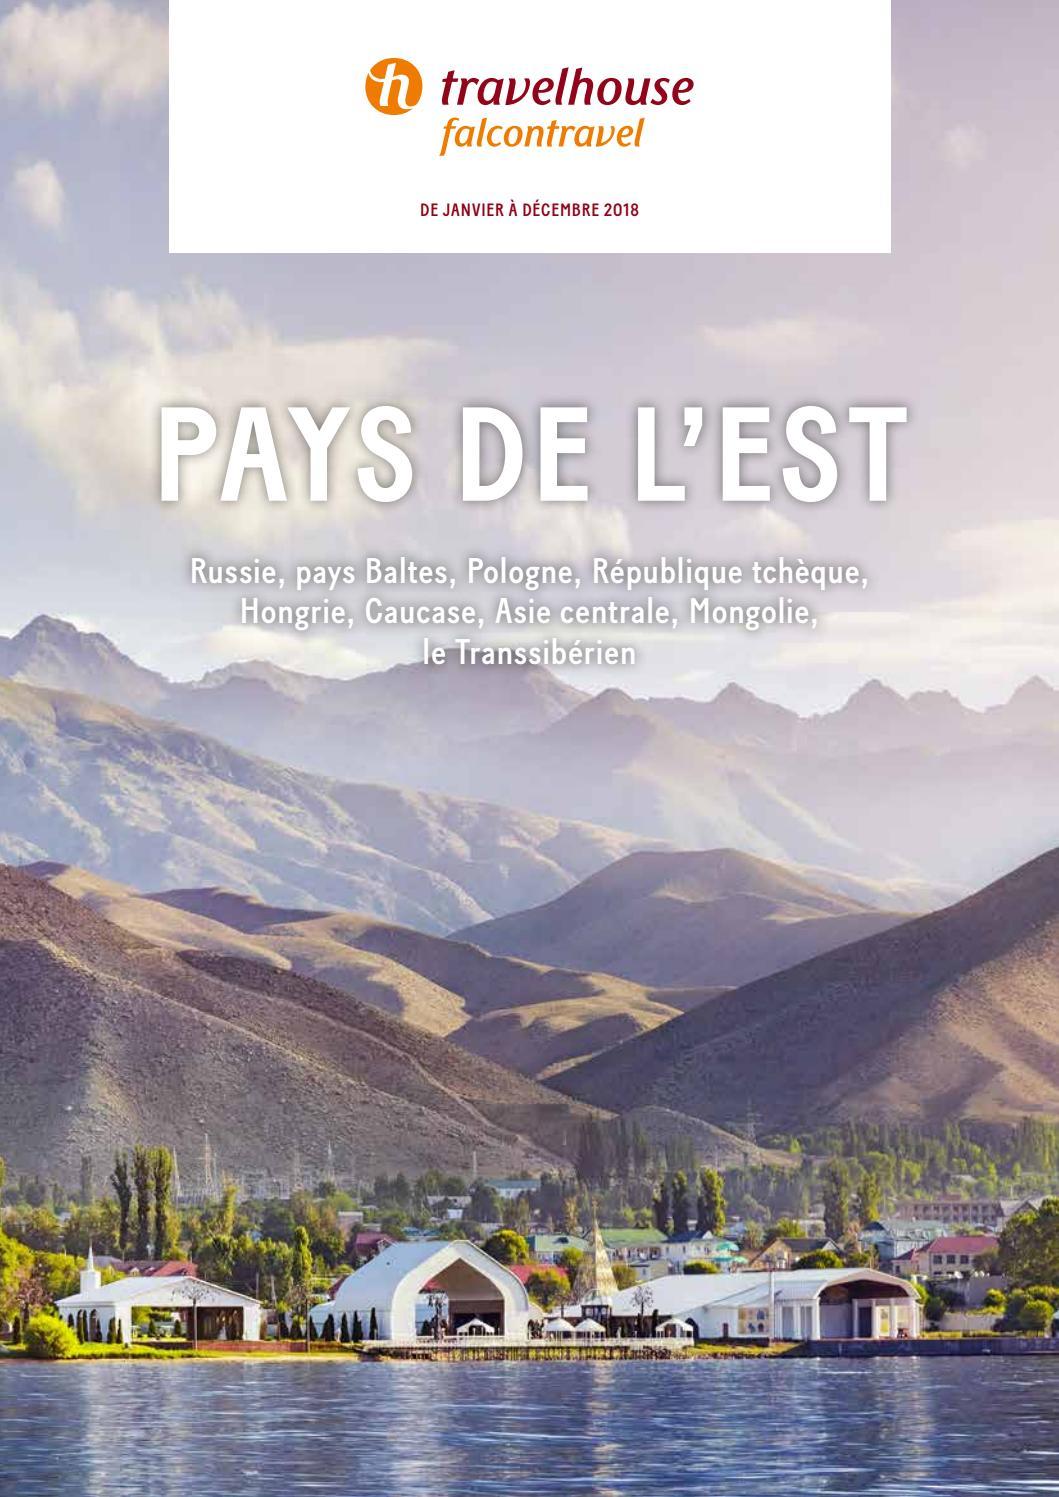 Travelhouse Pays de l Est – 2018 by Hotelplan Suisse (MTCH AG) - issuu 0e117035980a